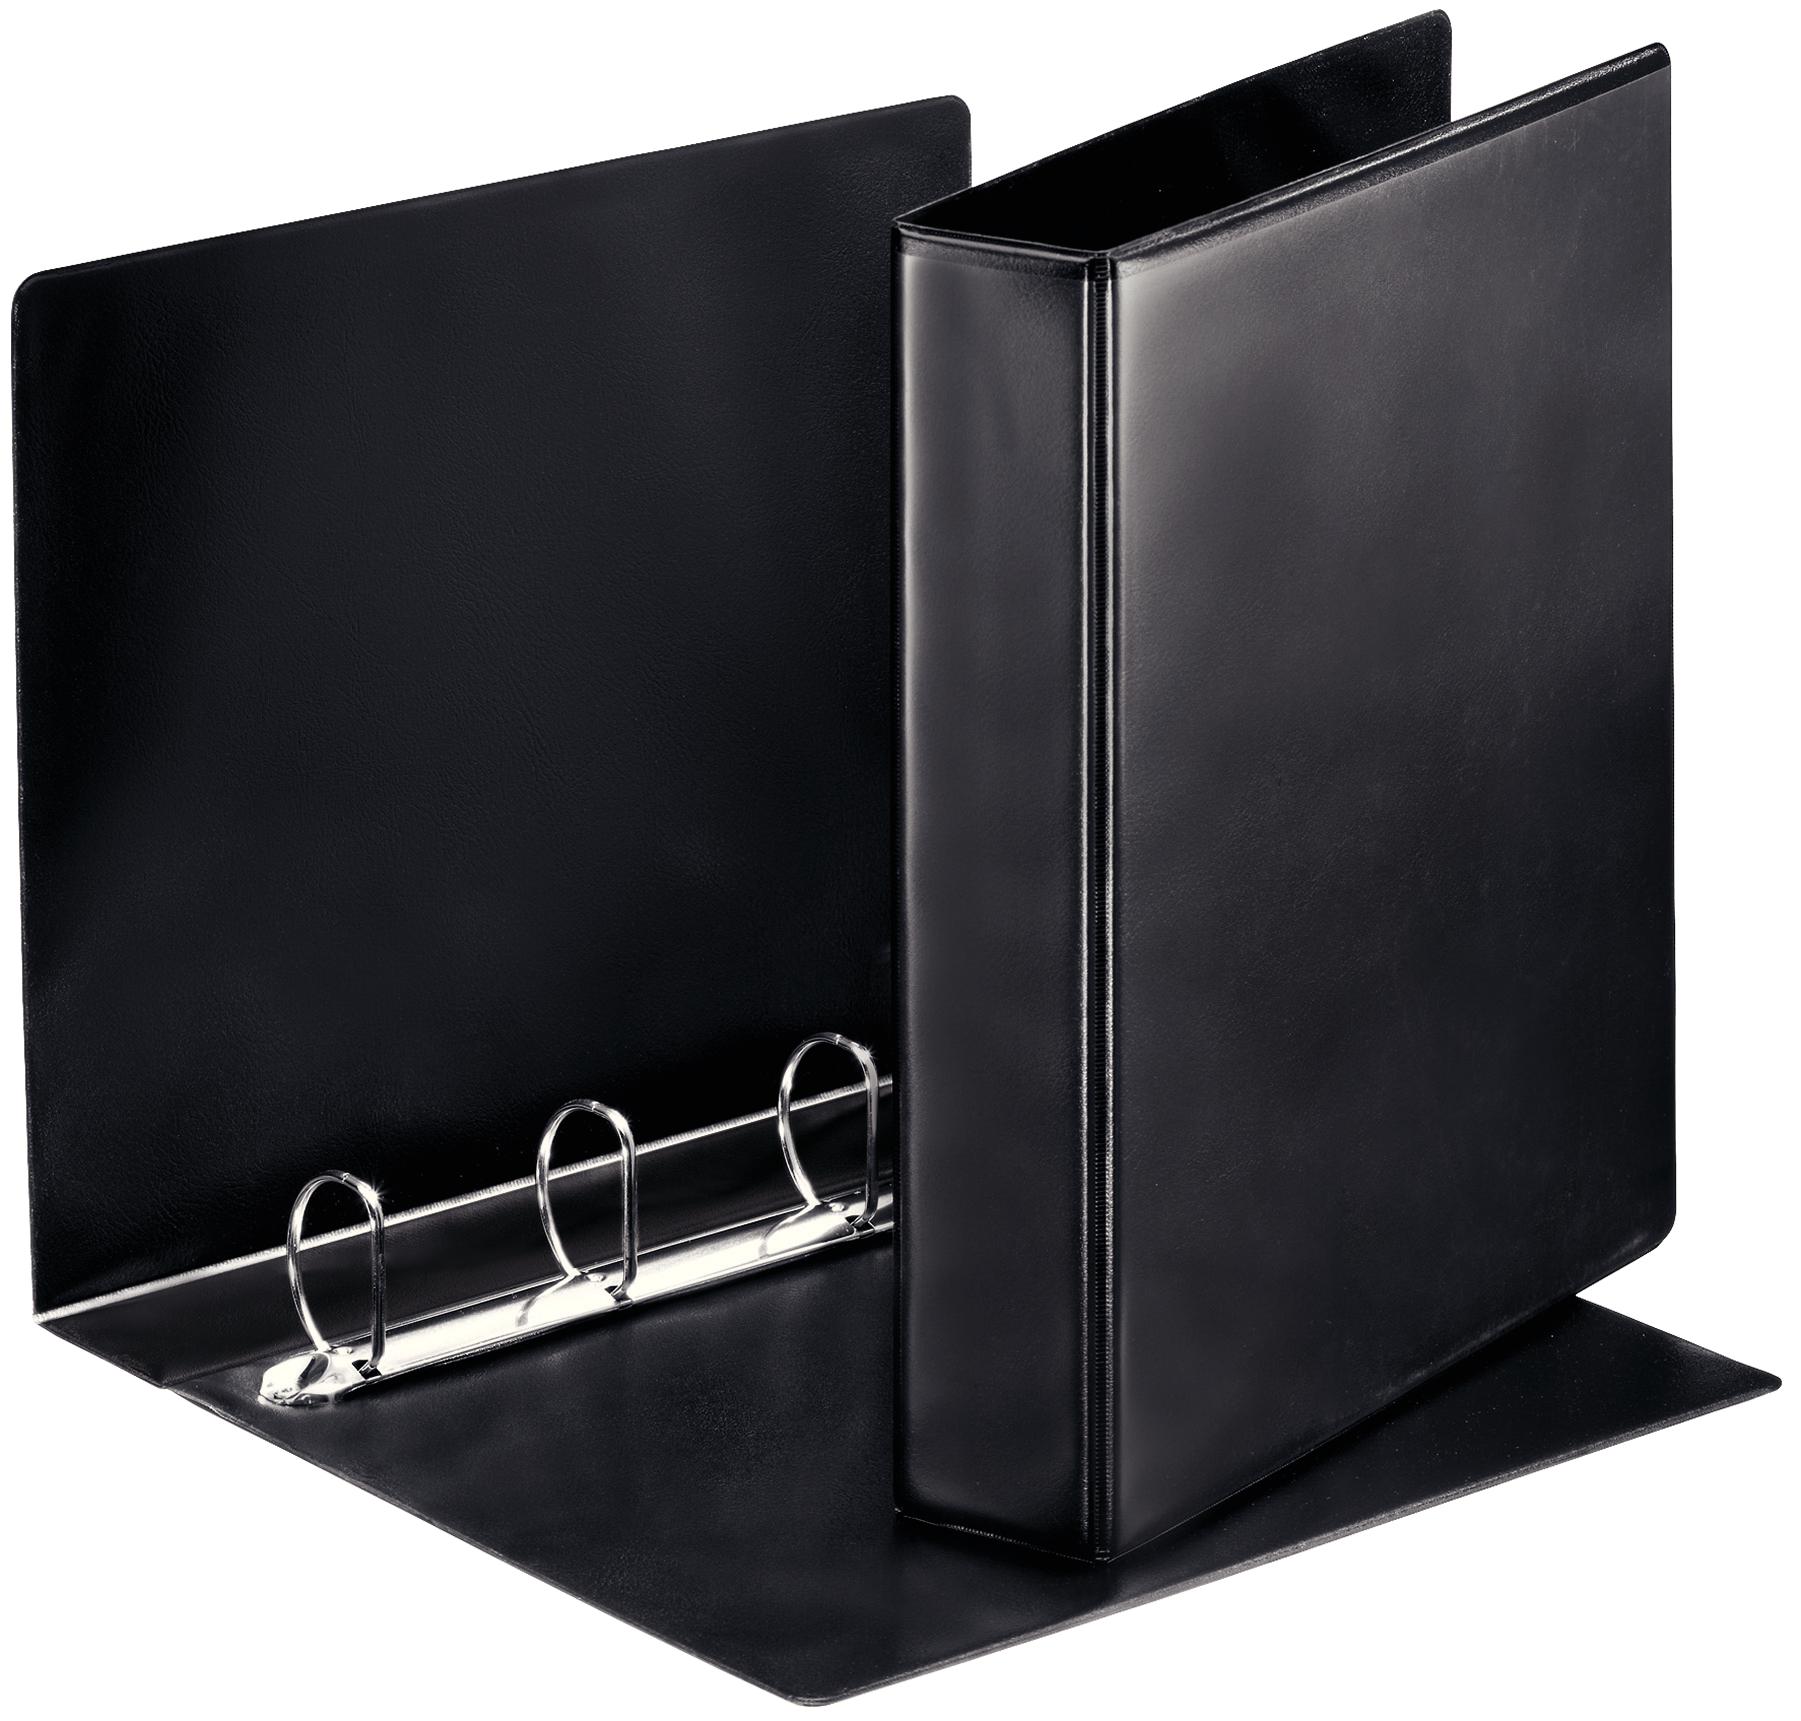 Esselte Essentials Pres Binder A4 40mm 4 D-Ring BK PK10